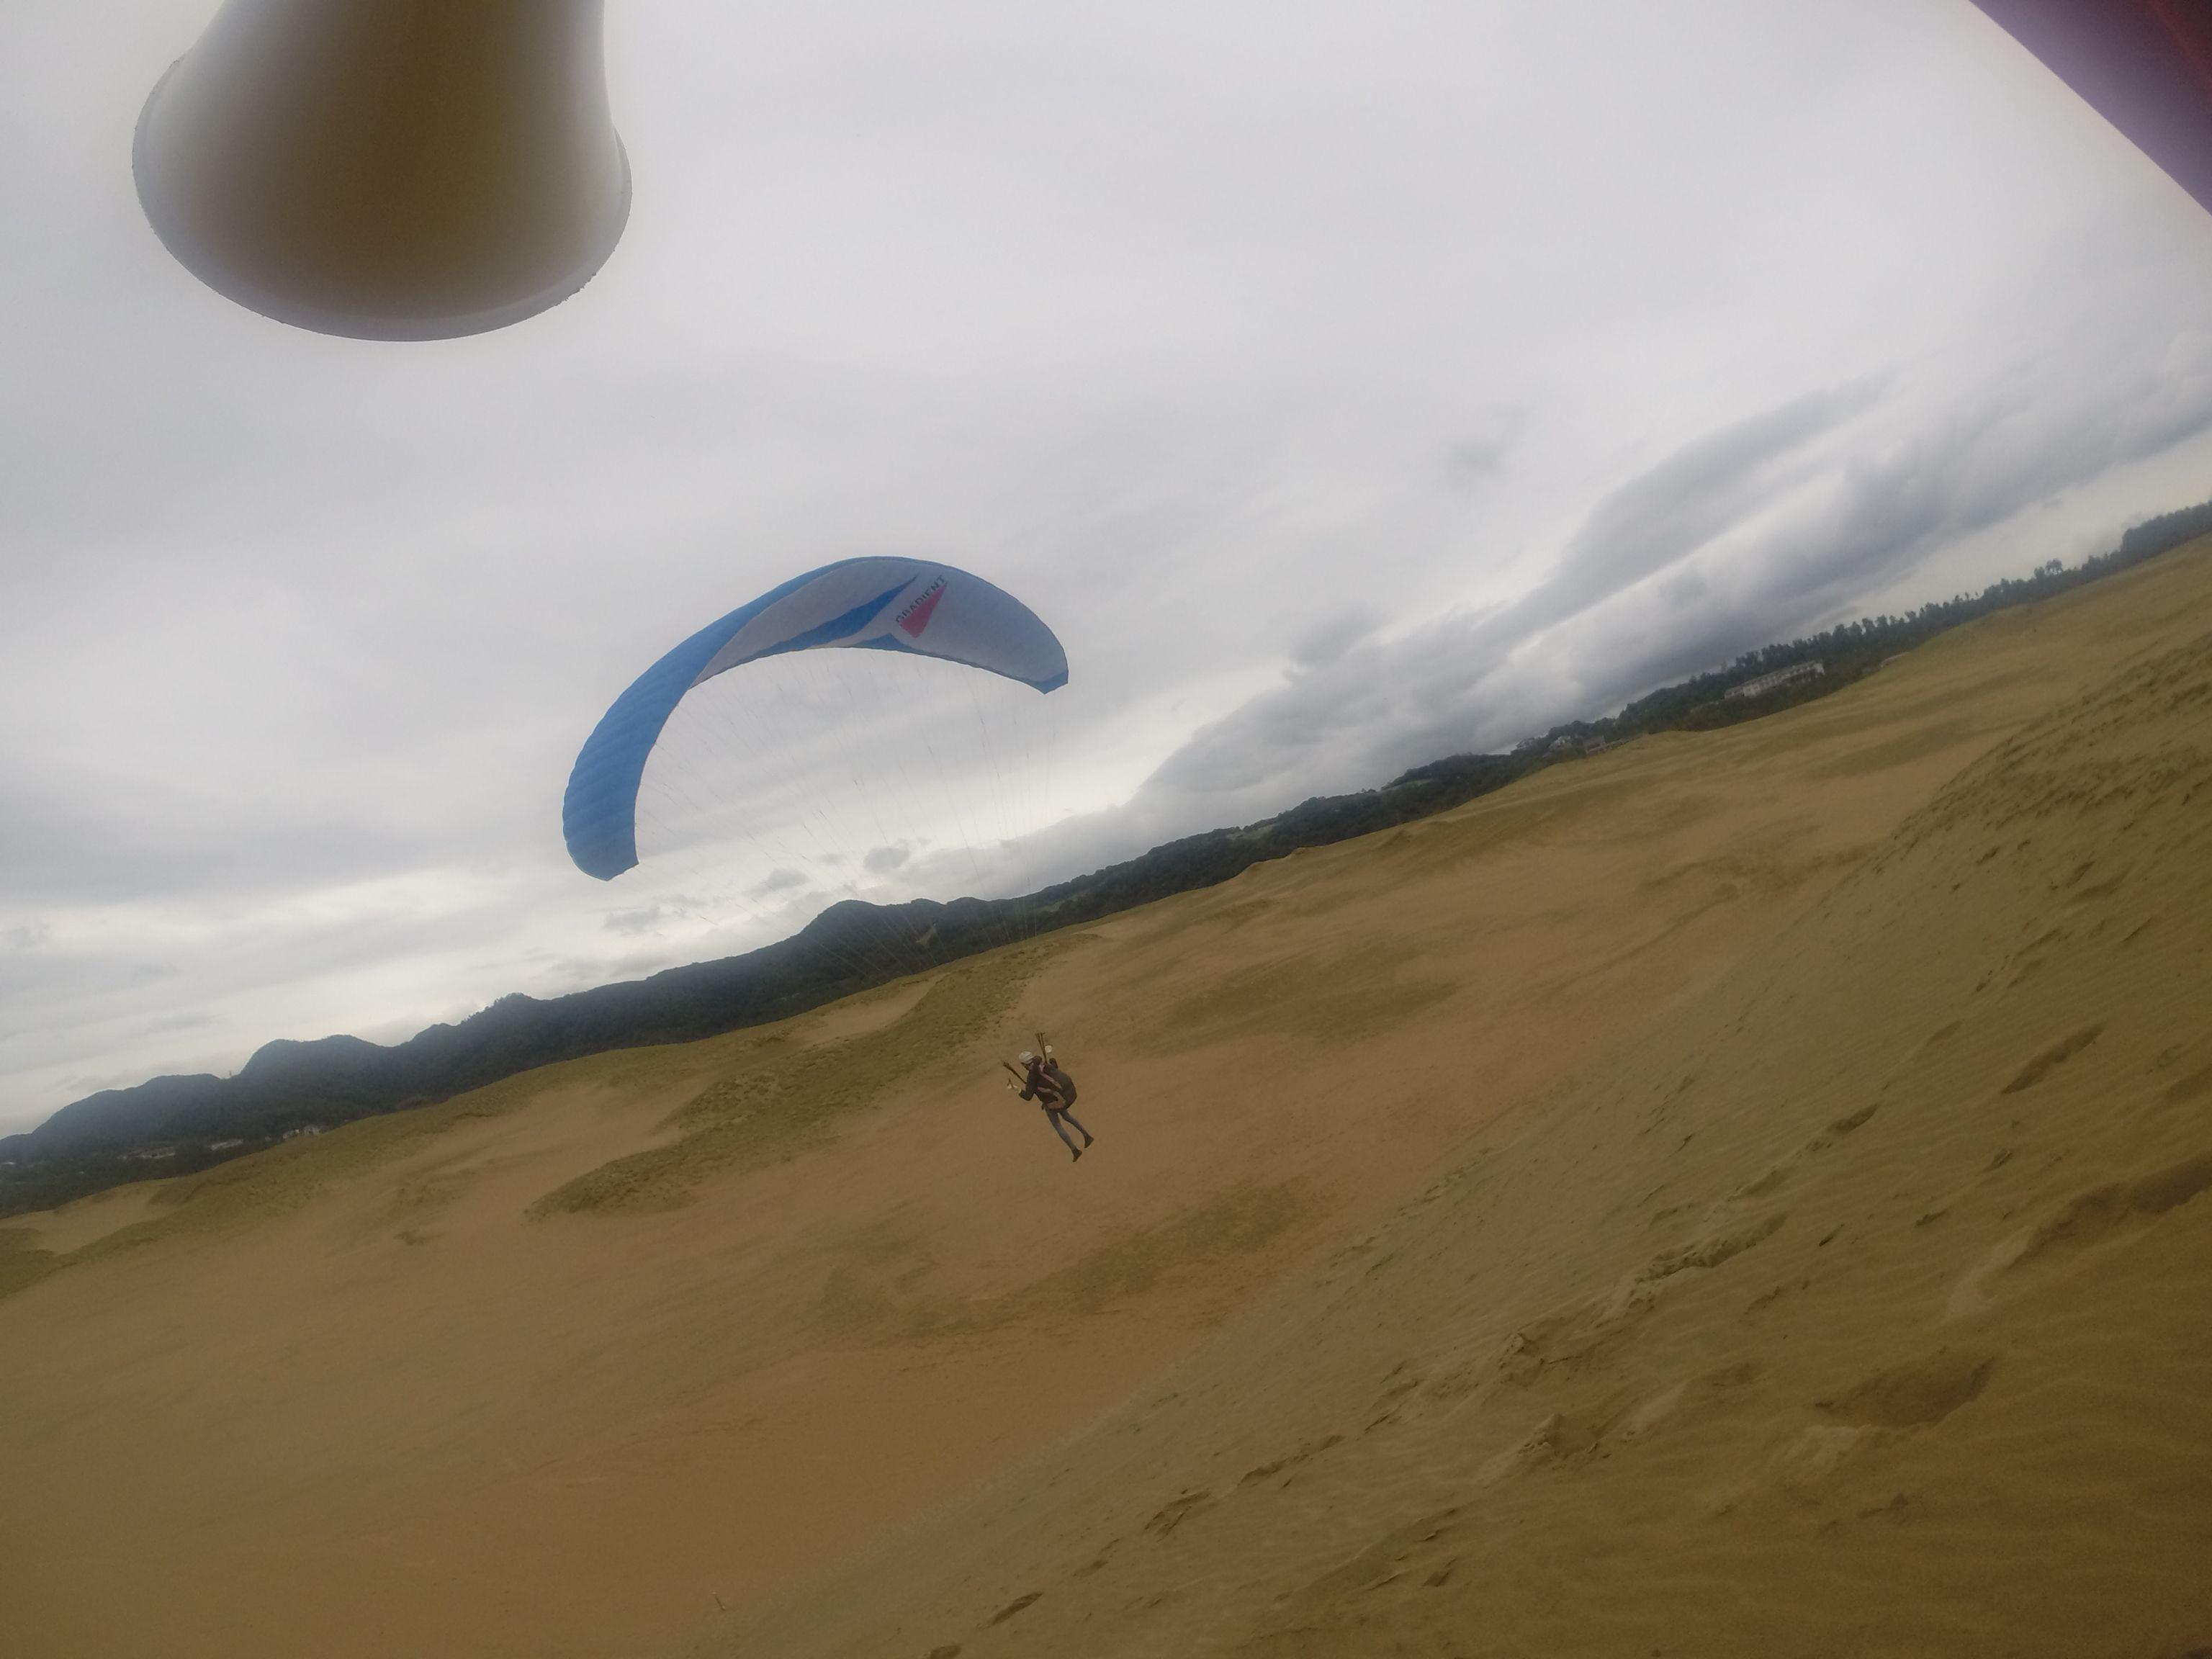 曇り空ながら爽快な空の旅を楽しみました